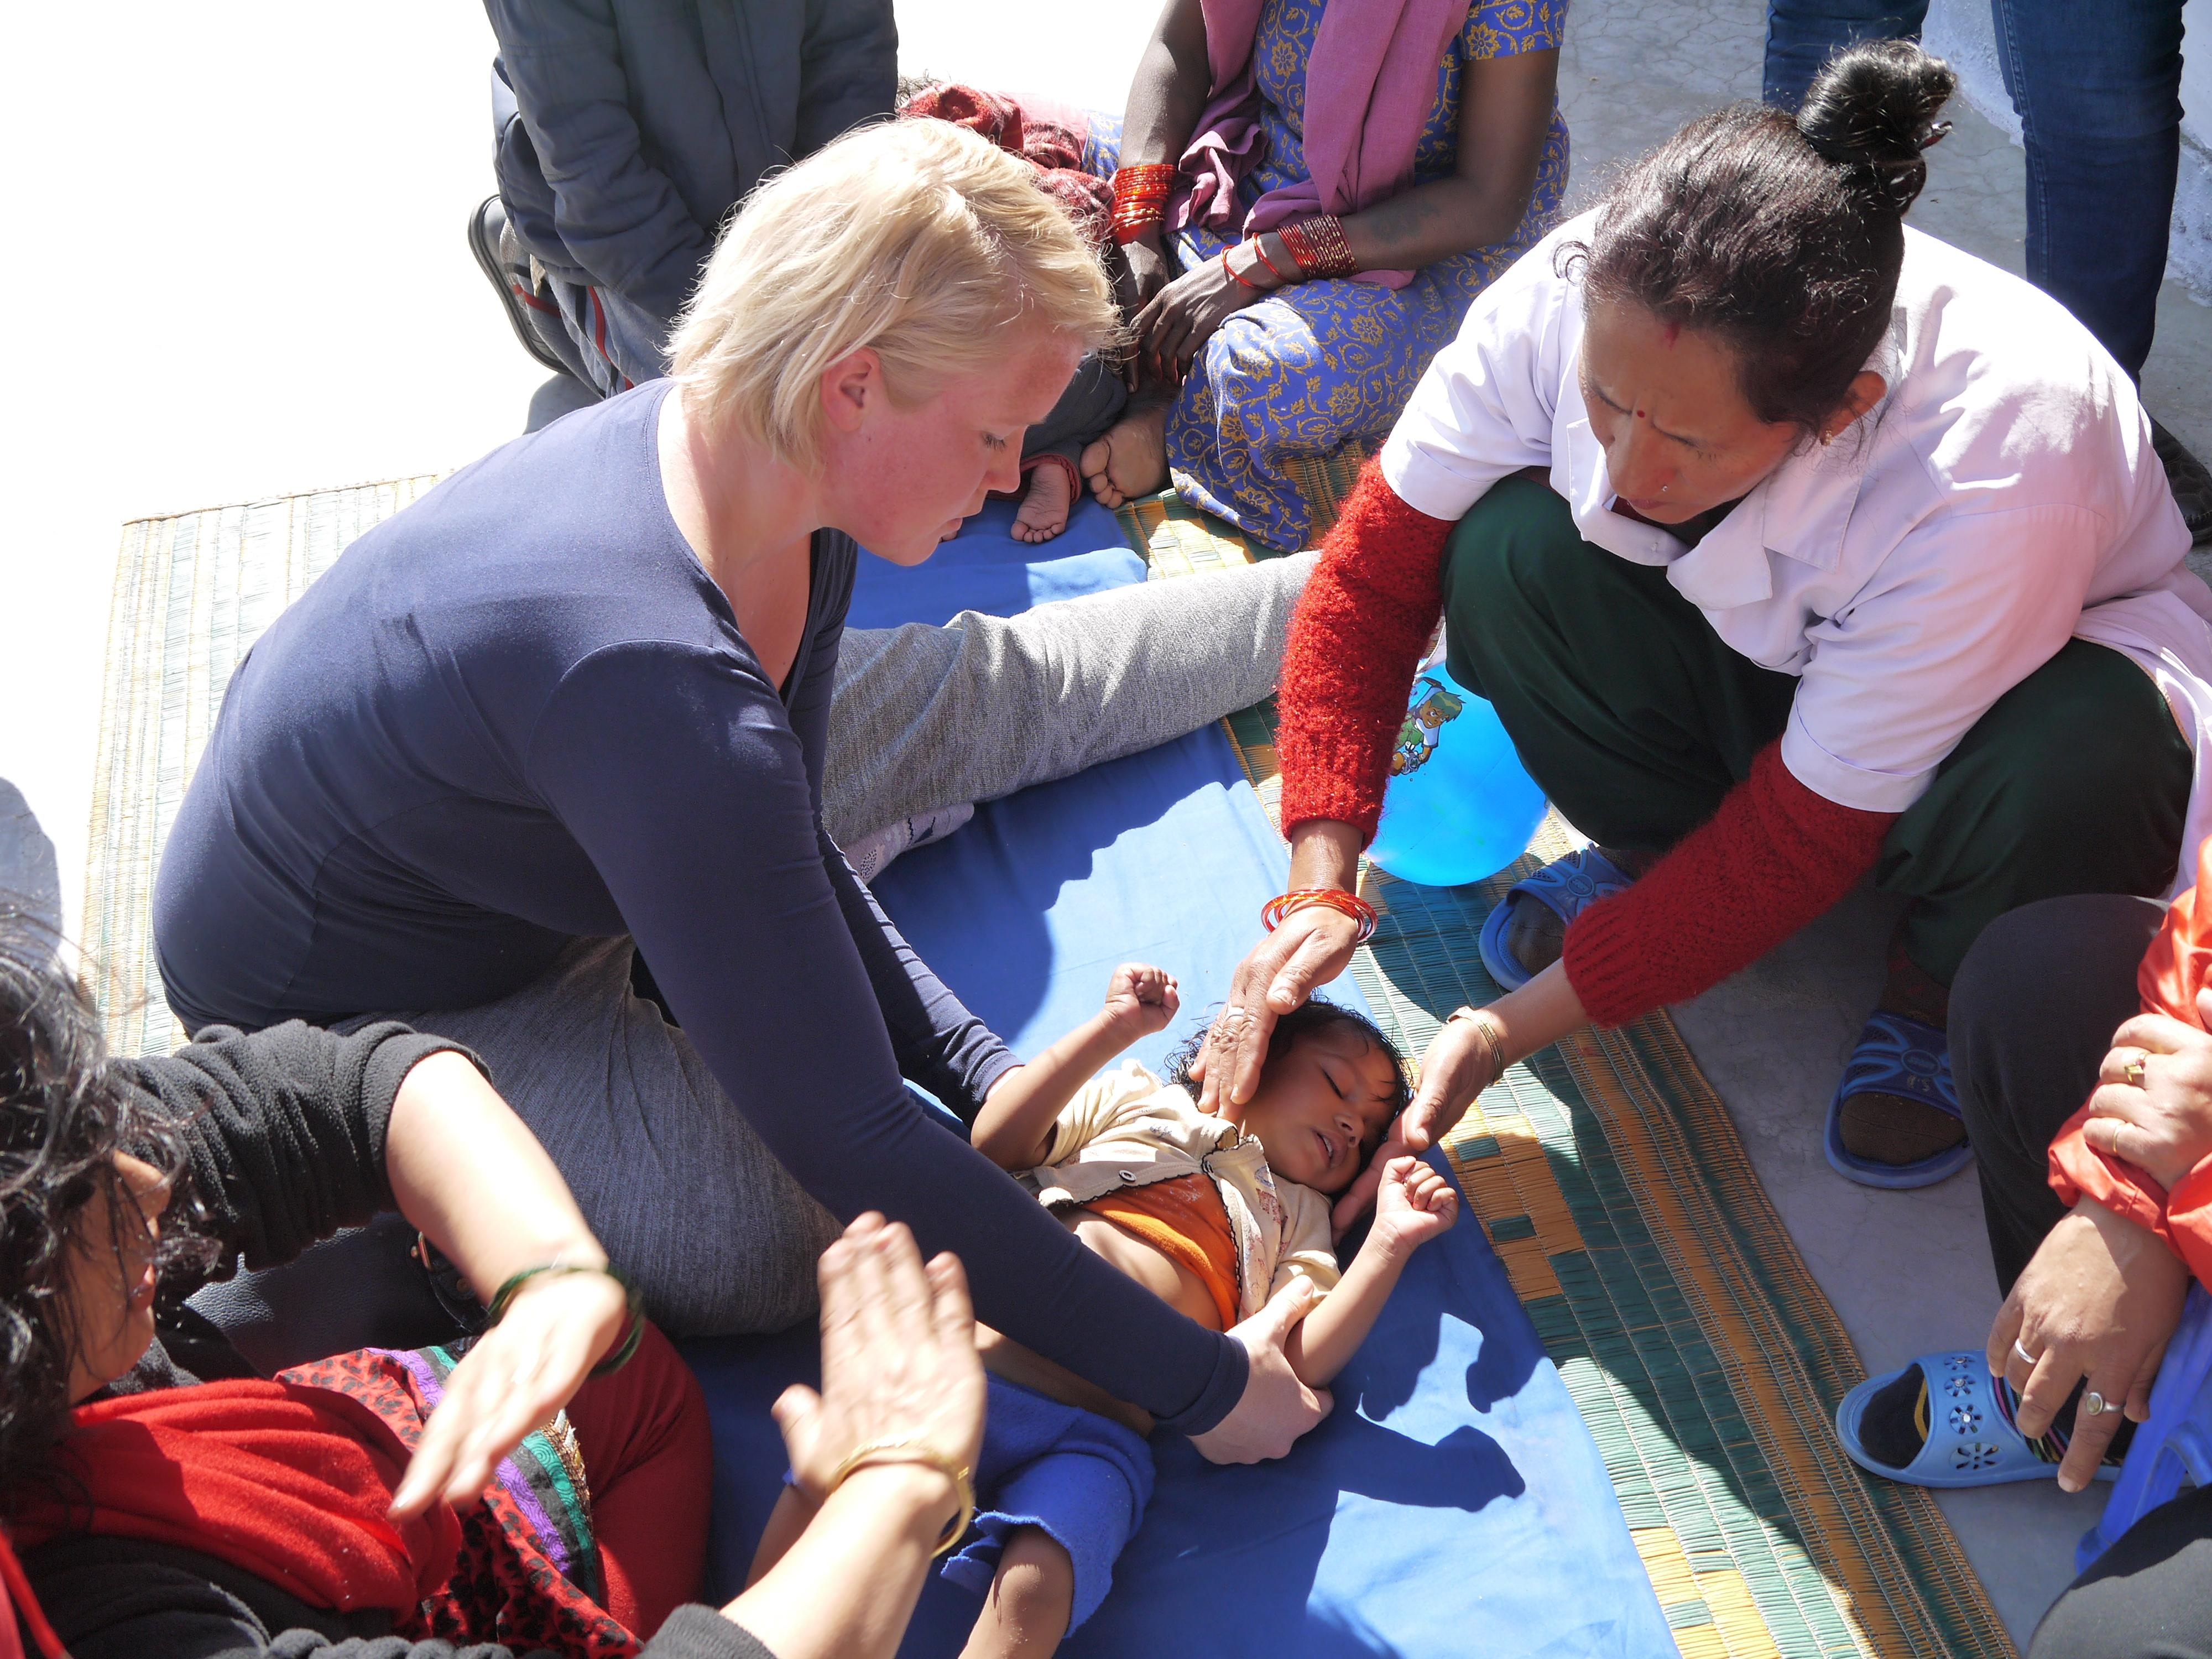 Internas de Fisioterapia ayudan a una niña durante sus ejercicios.